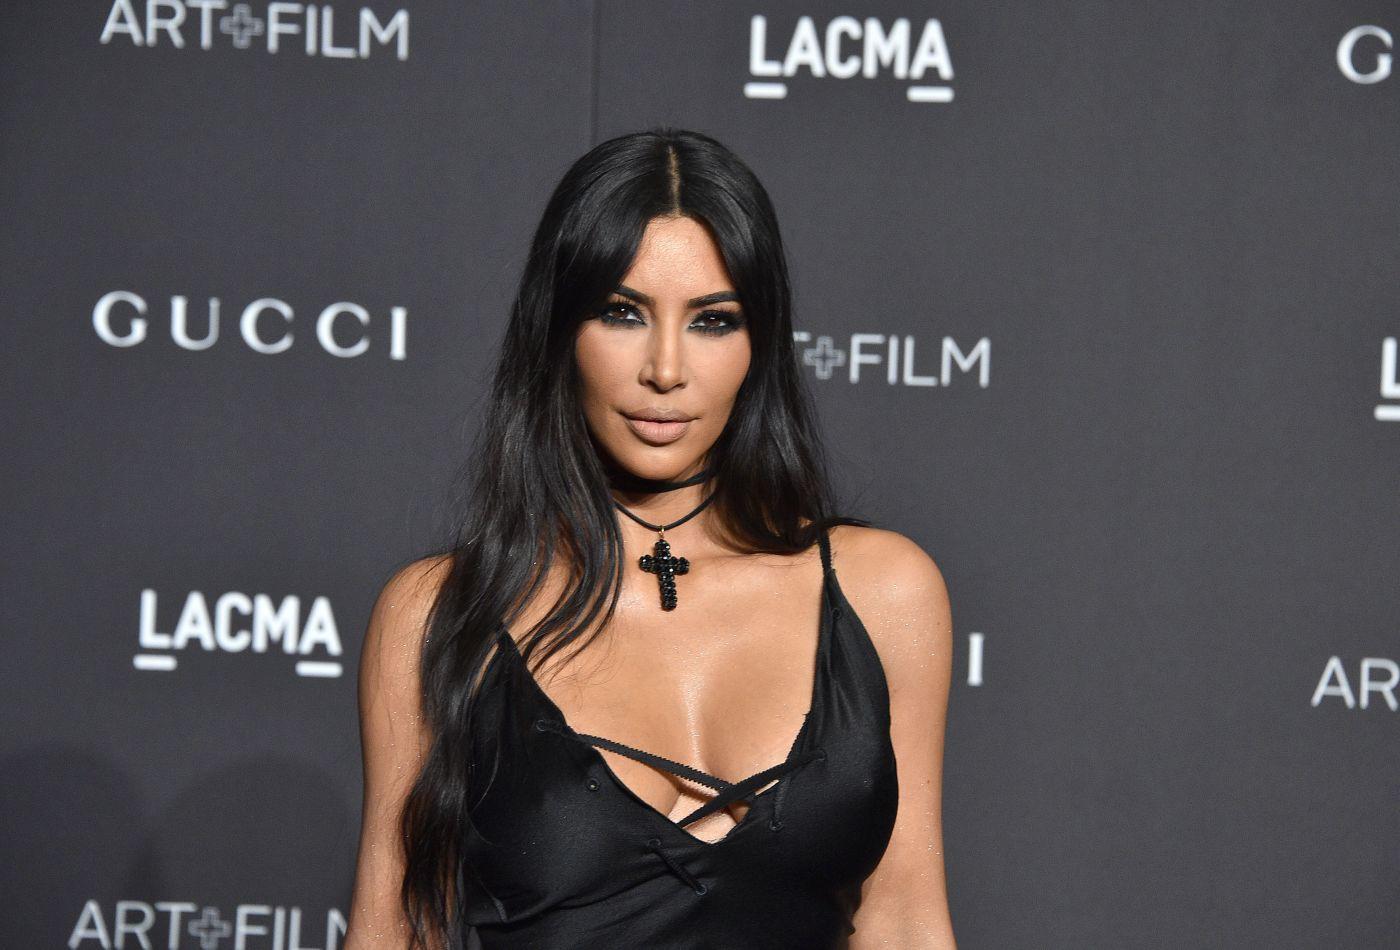 Top 80 phụ nữ giàu nhất nước Mỹ: Rihanna bỏ xa Taylor Swift trong ngỡ ngàng, tỷ phú Kylie Jenner vượt mặt cả chị Kim - Ảnh 16.